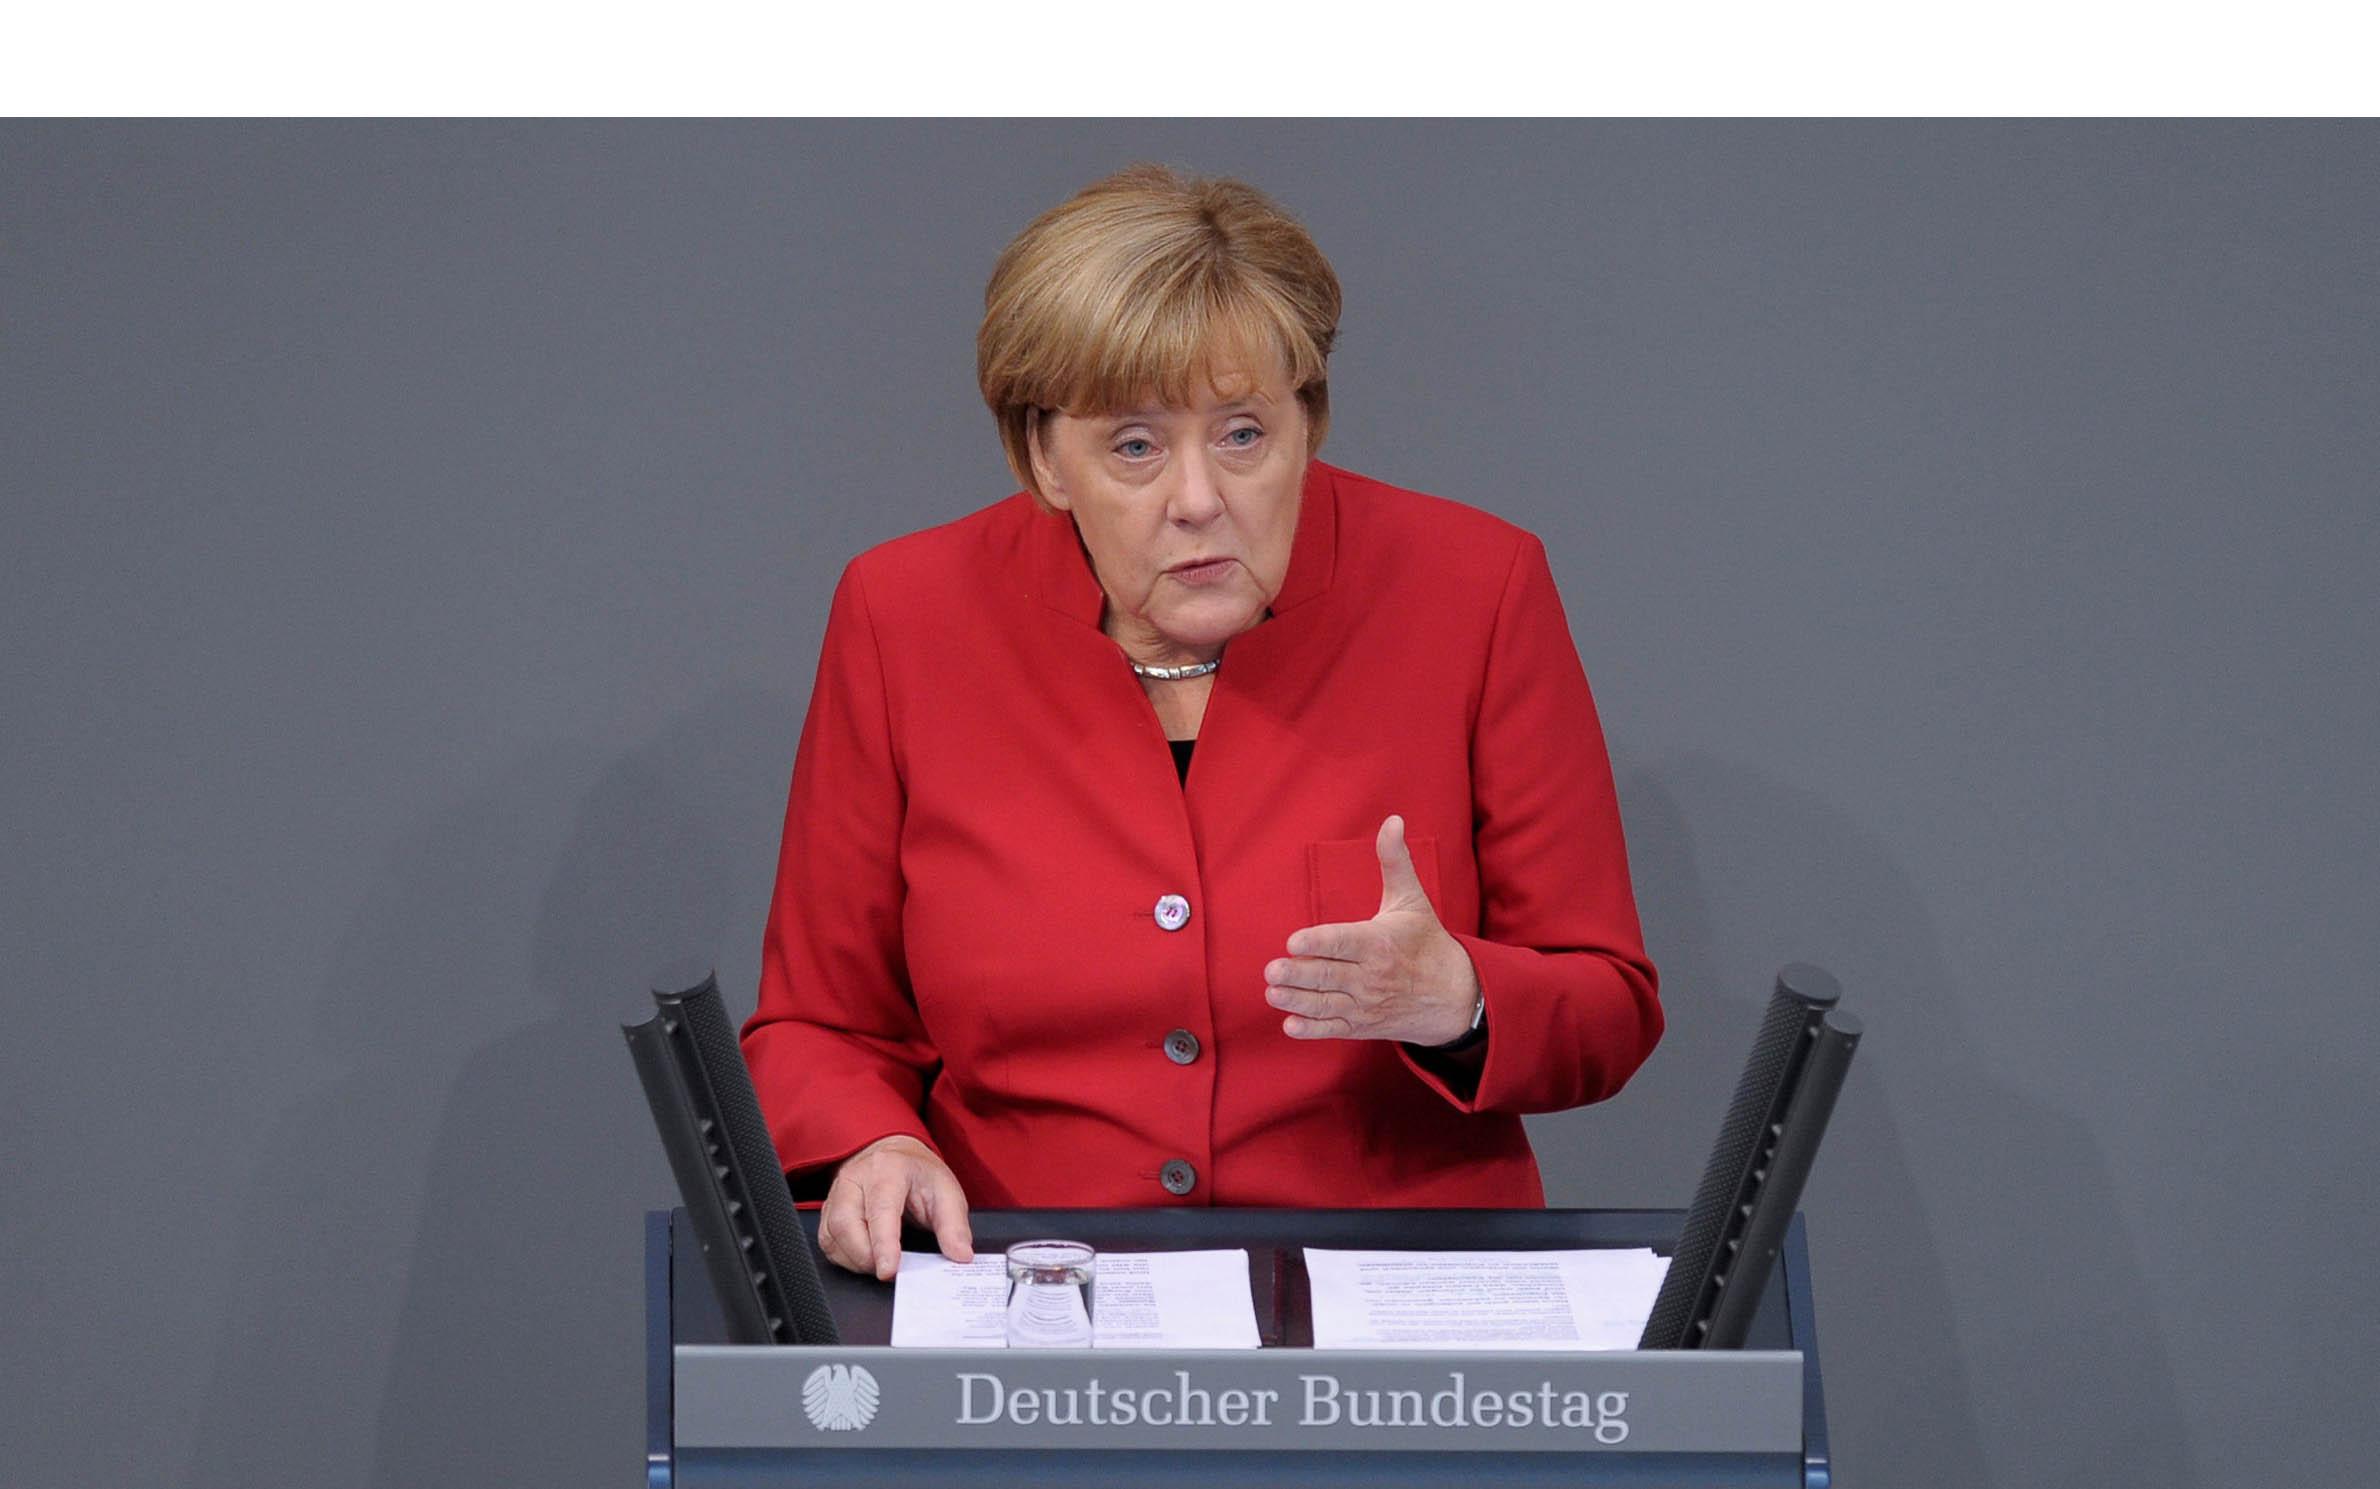 Los integrantes de la Unión Demócrata Cristiana demandaron a la canciller alemana un planteamiento concreto antes de que finalice el mes de octubre